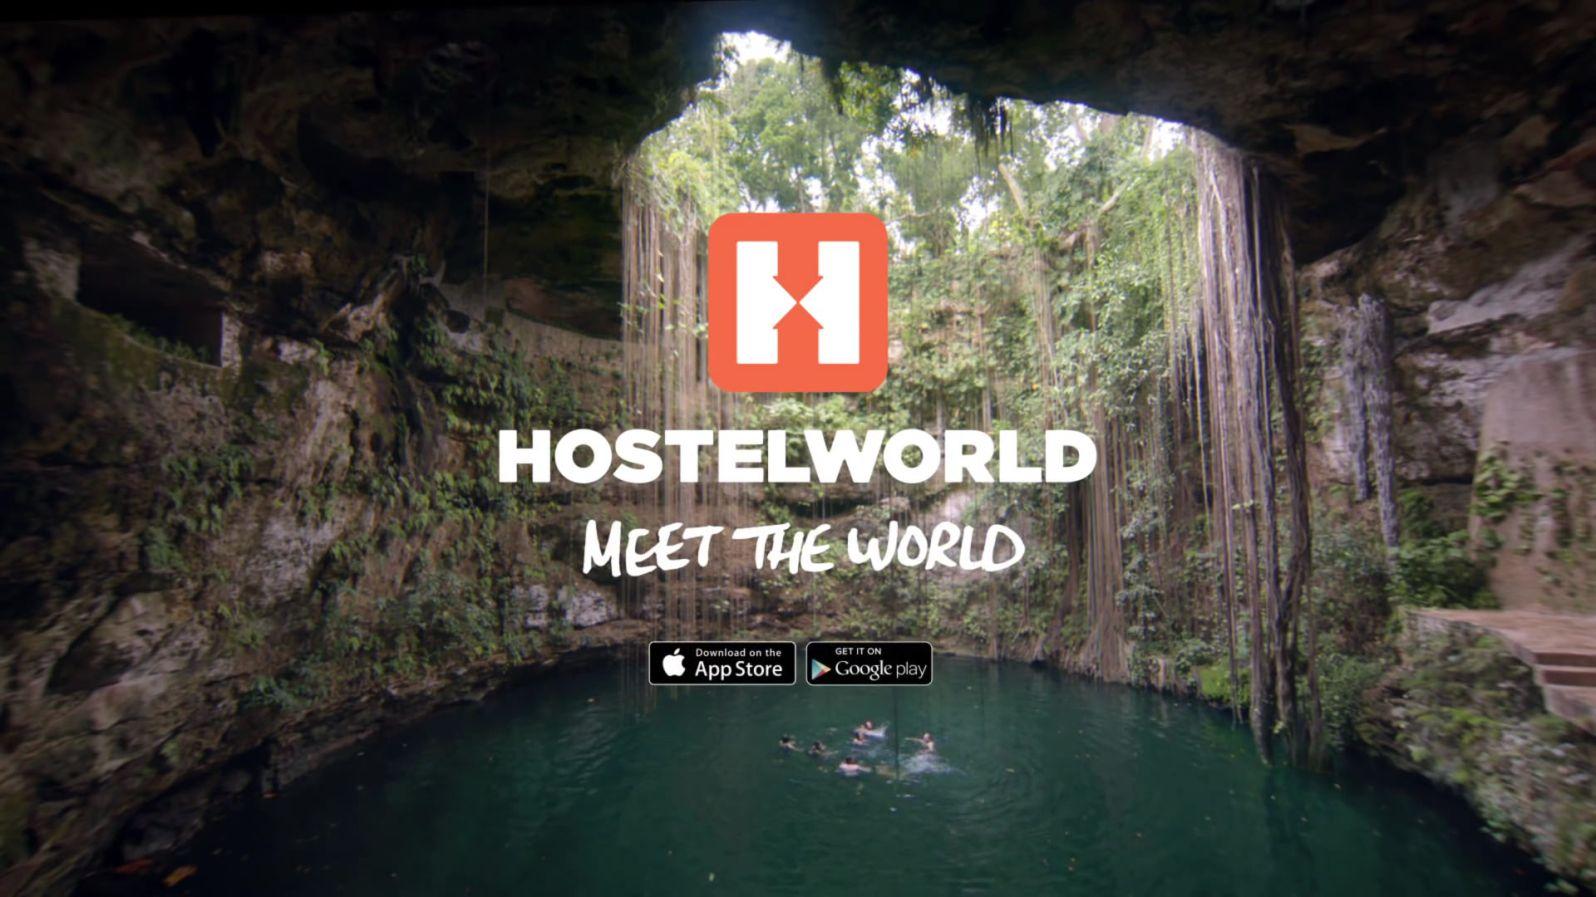 sc-hostelworld-meet-the-world-3